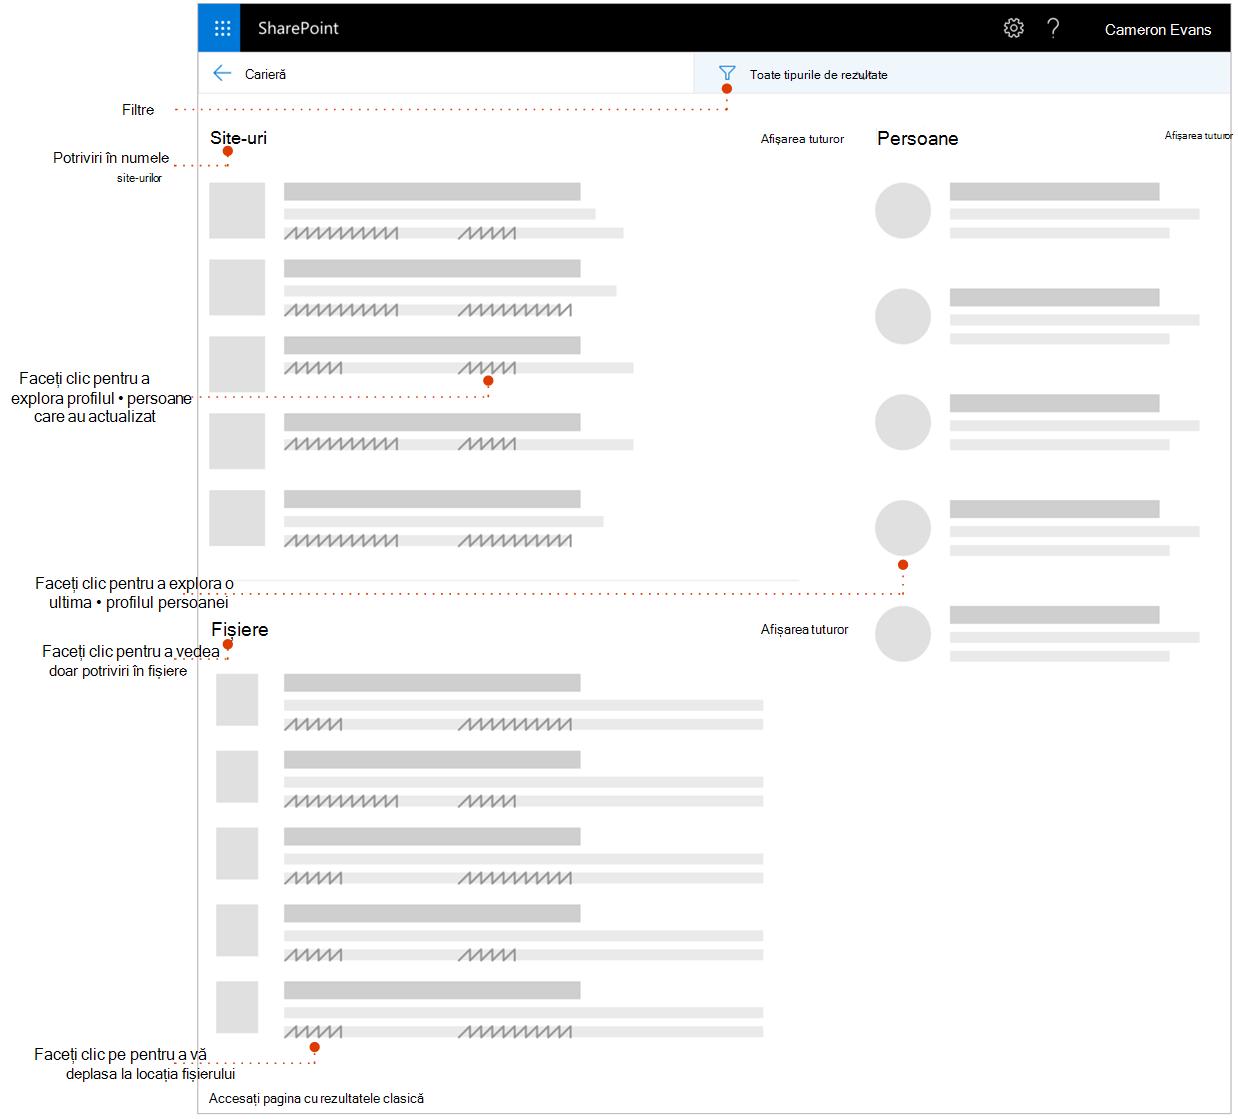 Captură de ecran a căutare pagina cu indicatoare către elemente pentru a explora de rezultate.